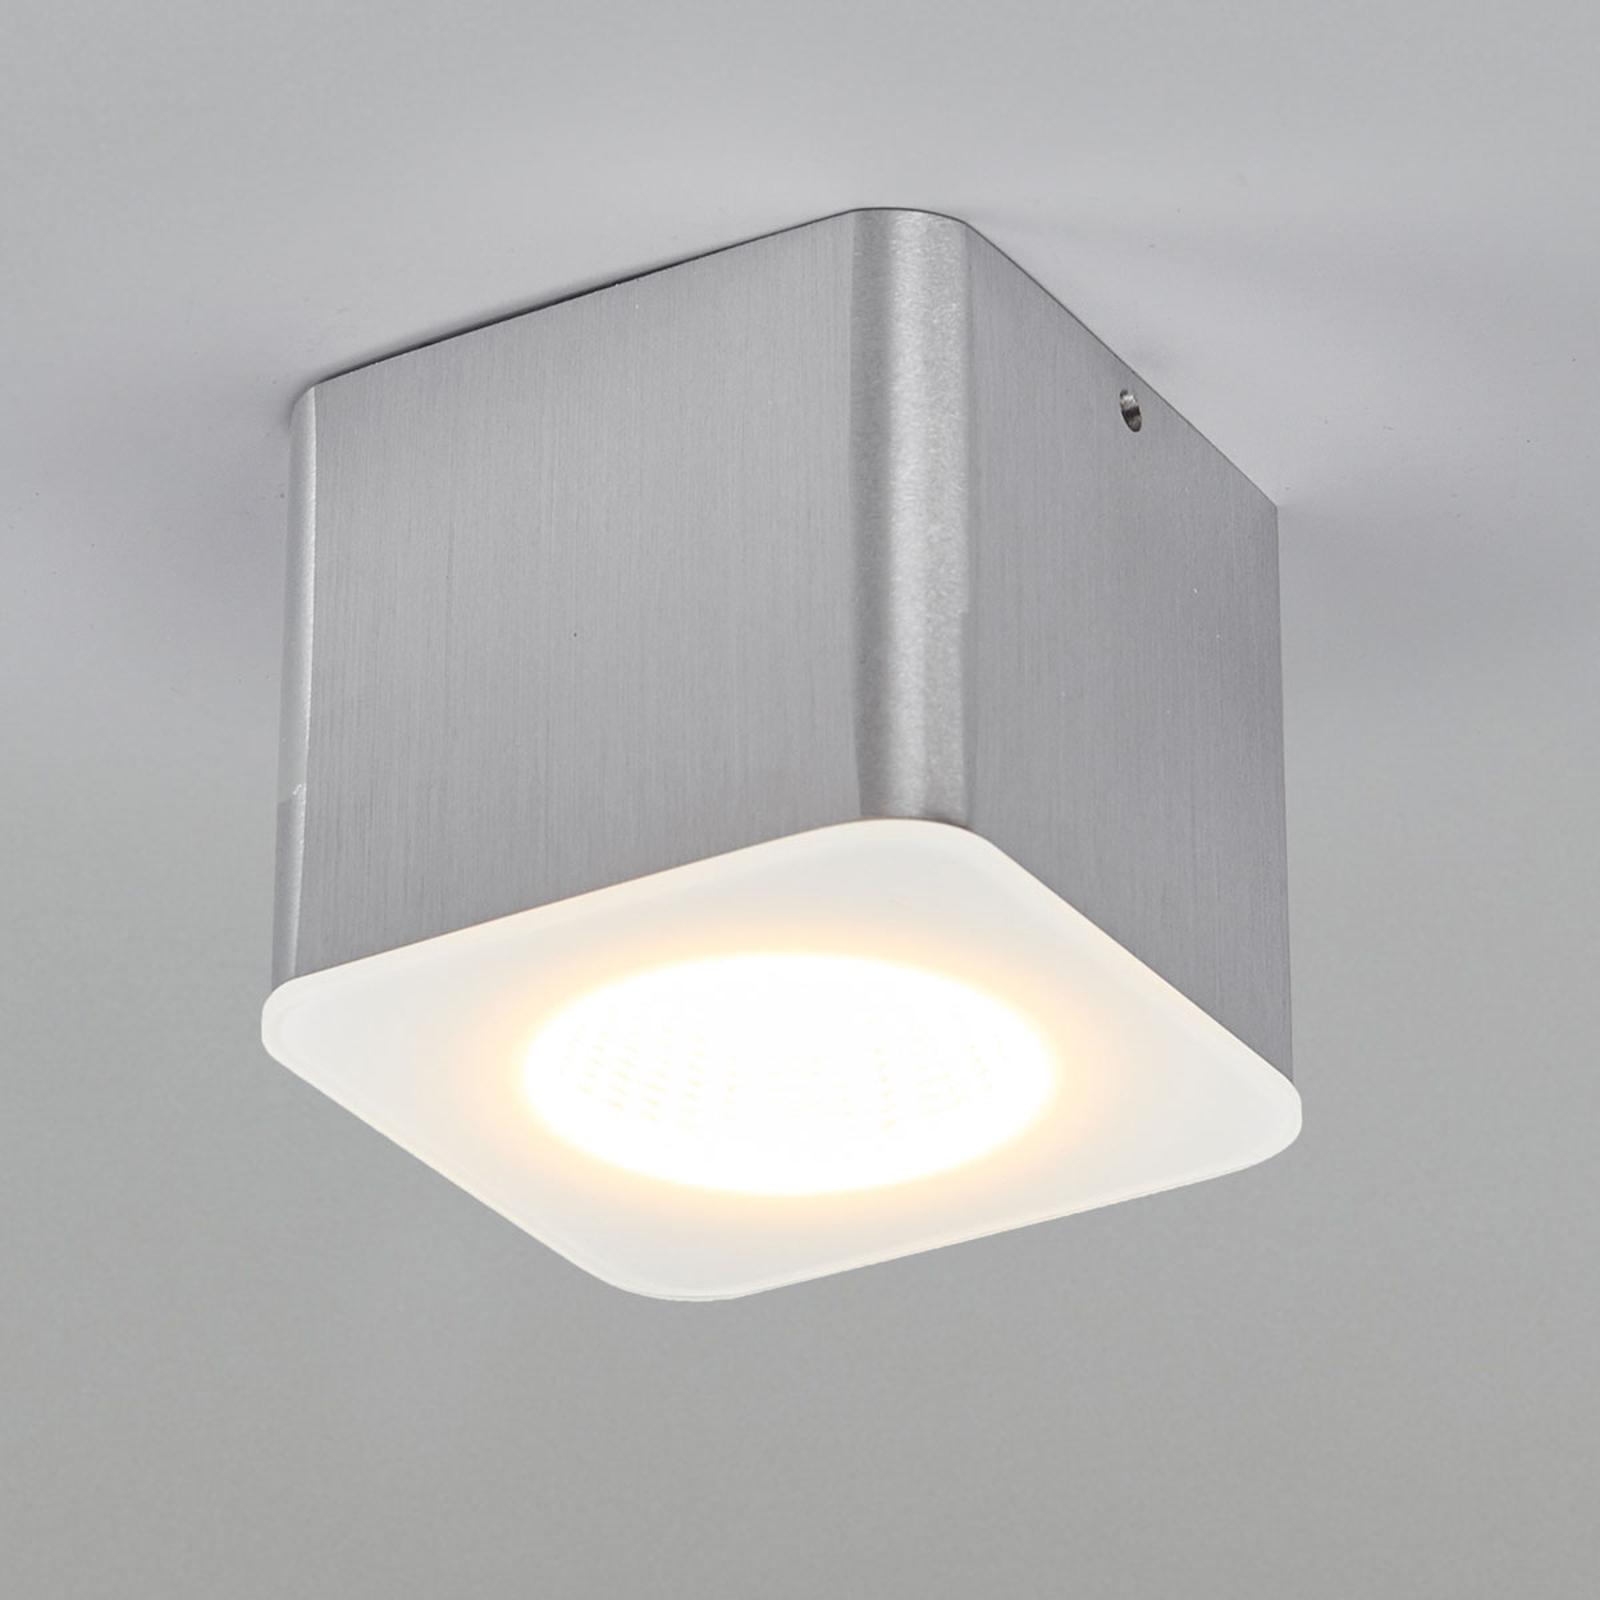 Helestra Oso LED-Deckenspot, eckig, alu matt